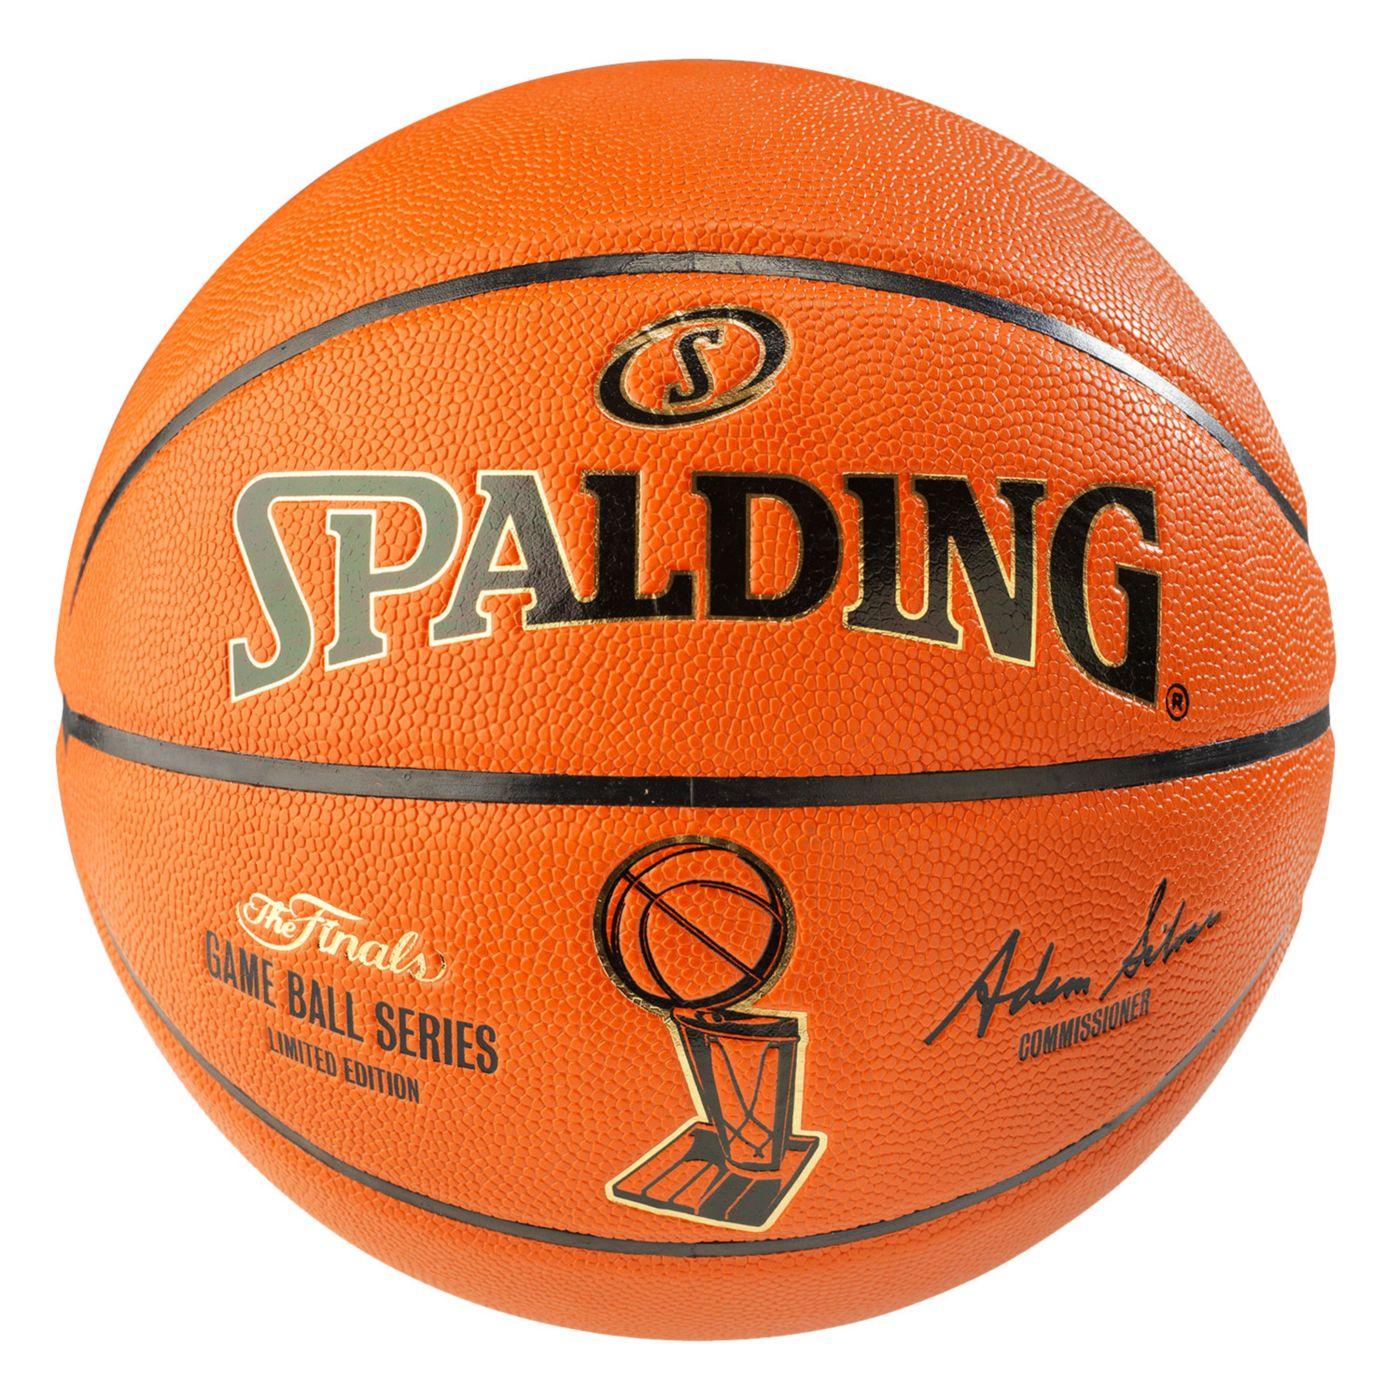 """Spalding NBA Finals Official Basketball (29.5"""")"""